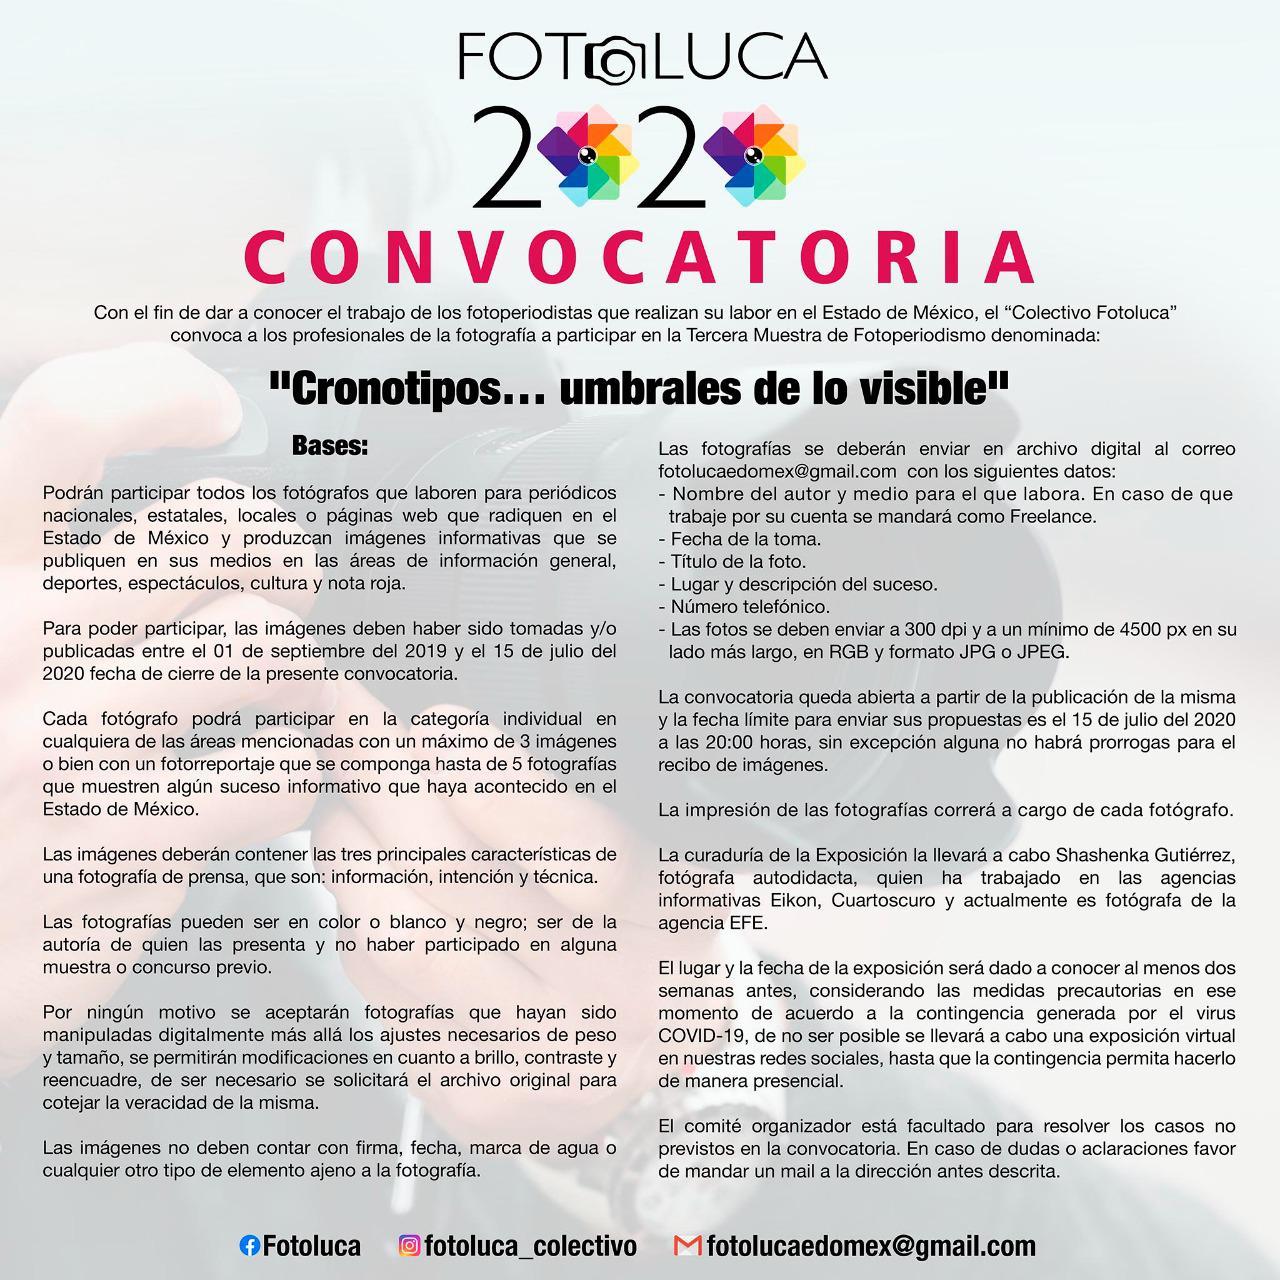 Colectivo Fotoluca lanza convocatoria 2020